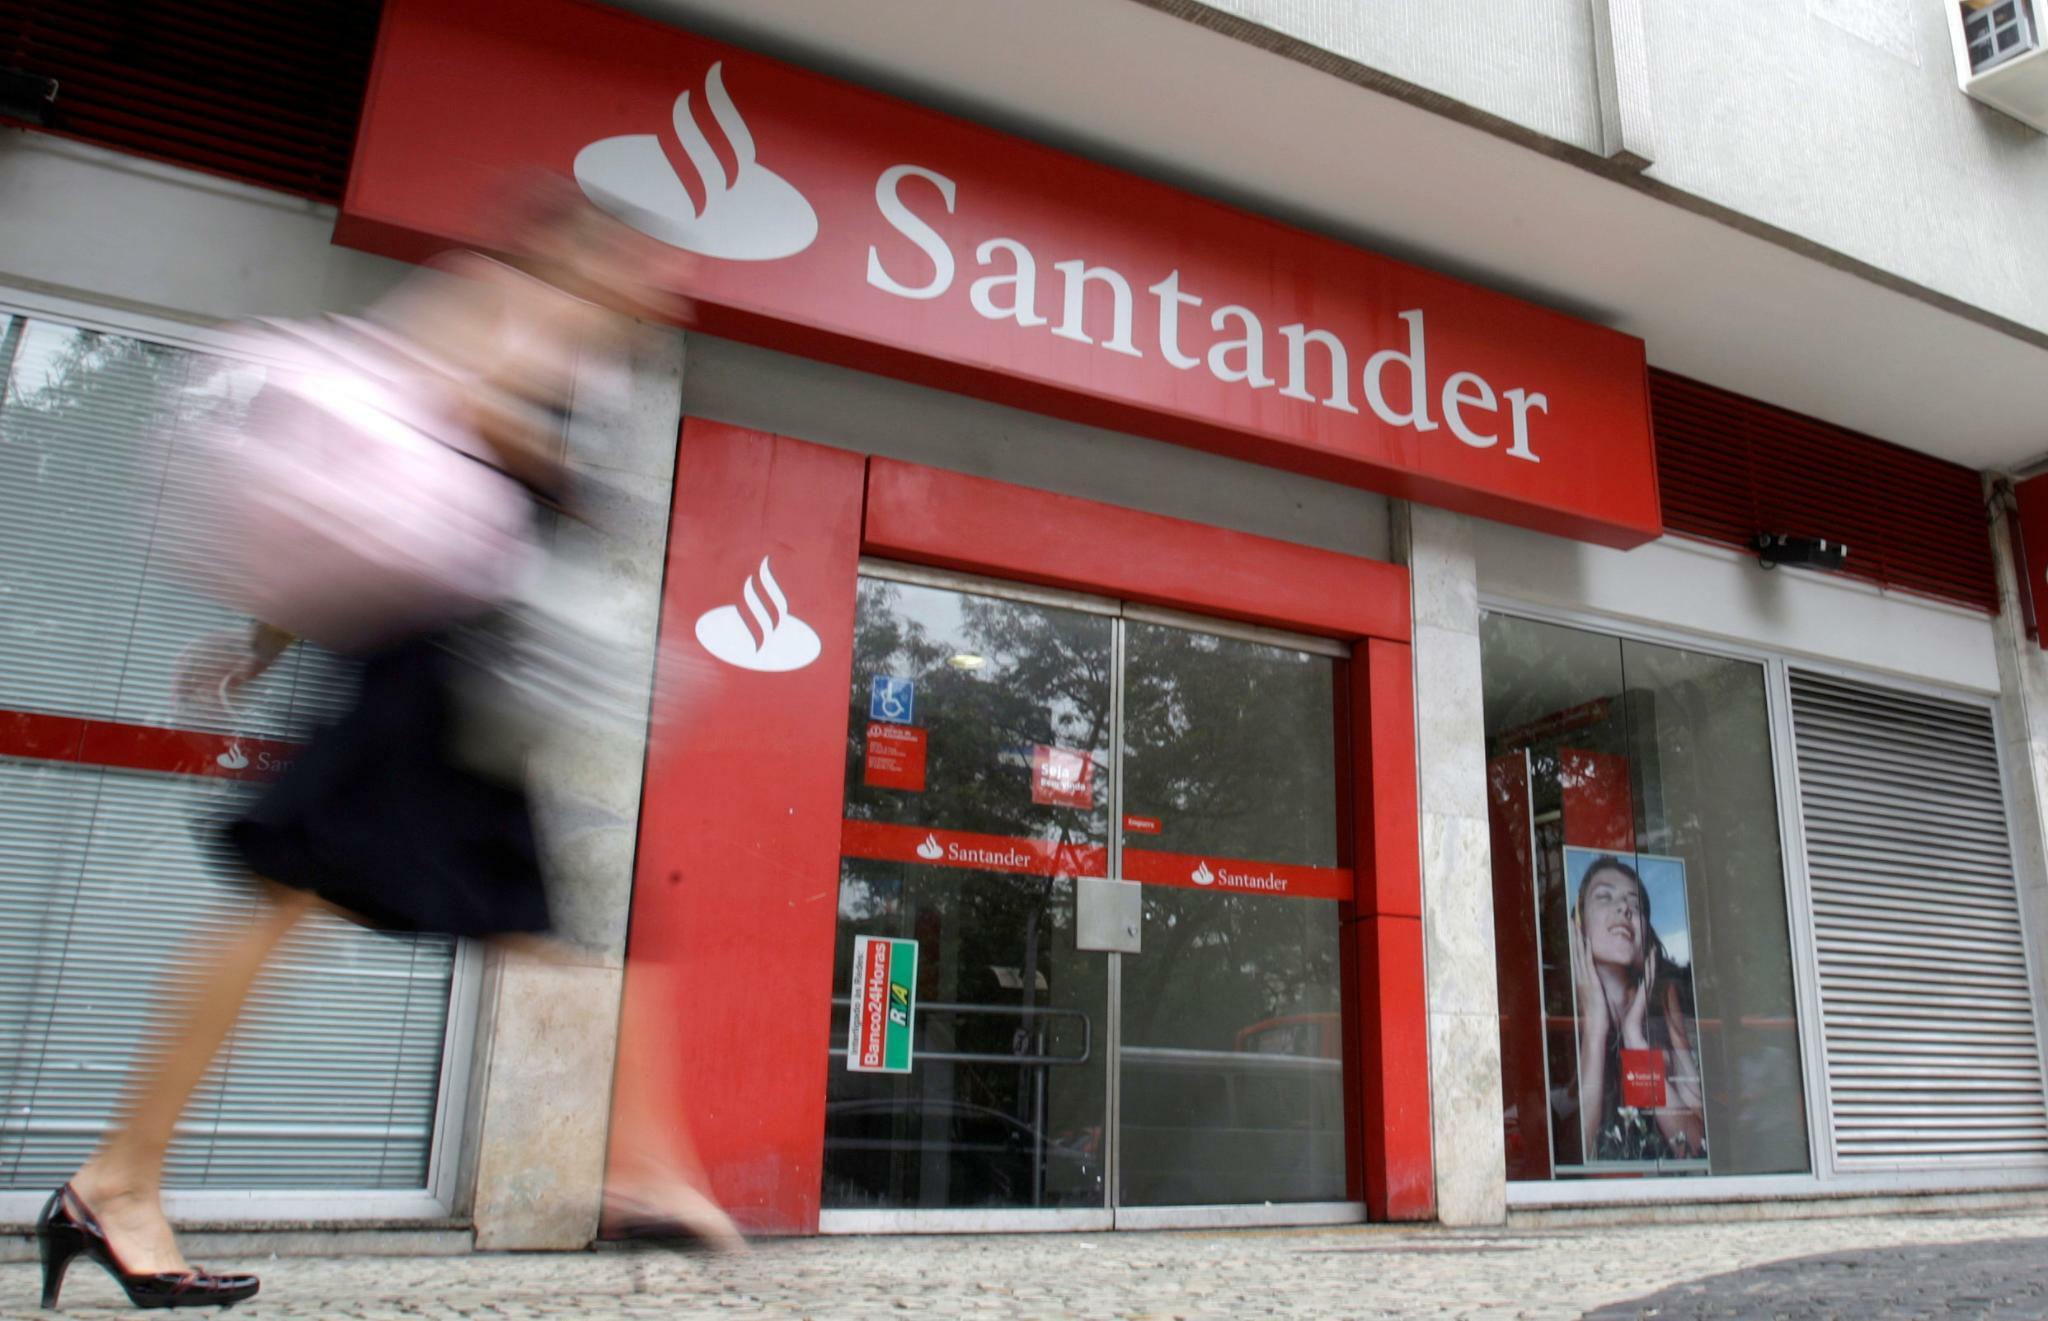 Santander startet mit Digital-Bank Openbank in Deutschland